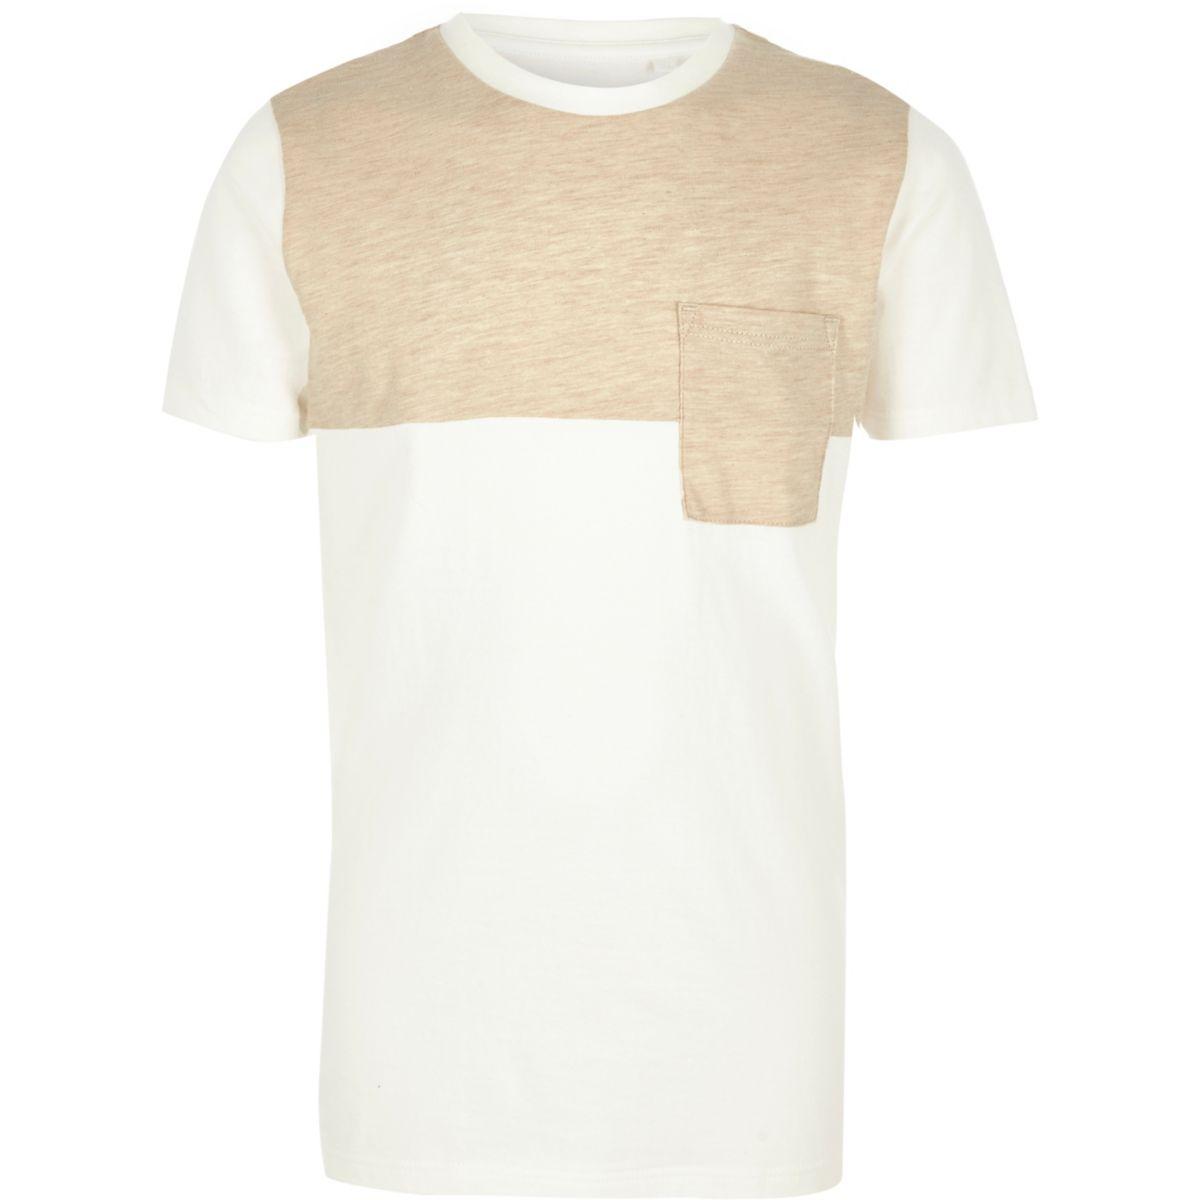 T-shirt crème et beige effet colour block pour garçon